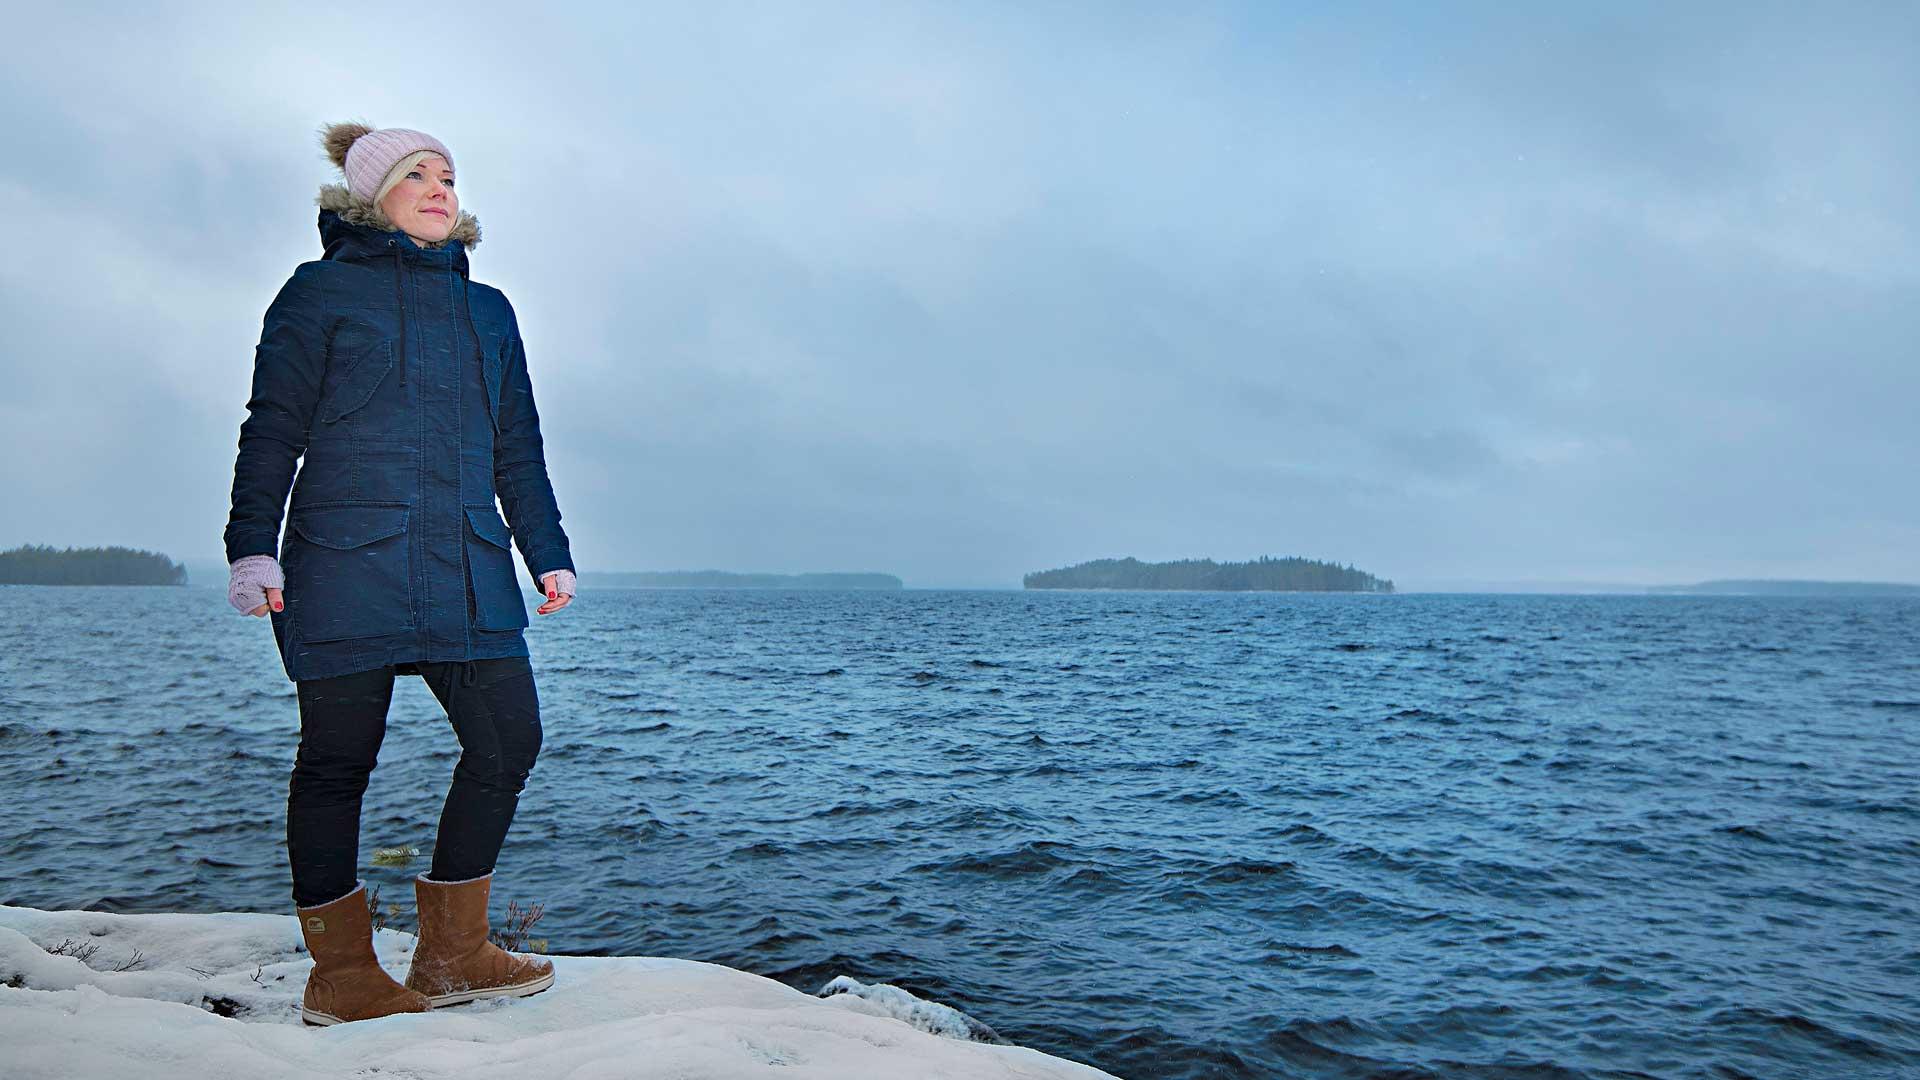 """Kun Tytti Määttä aloitti Kuhmossa tammikuussa 2018, lumikriisi katkoi sähköt sadoista kodeista. """"Yritin pitää mahdollisimman monet ihmiset reaaliajassa perillä siitä, miten korjaustyöt edistyvät,"""" Määttä kertoo. Avoimesti viestineestä kunnanpomosta tuli samalla Twitter-julkkis."""